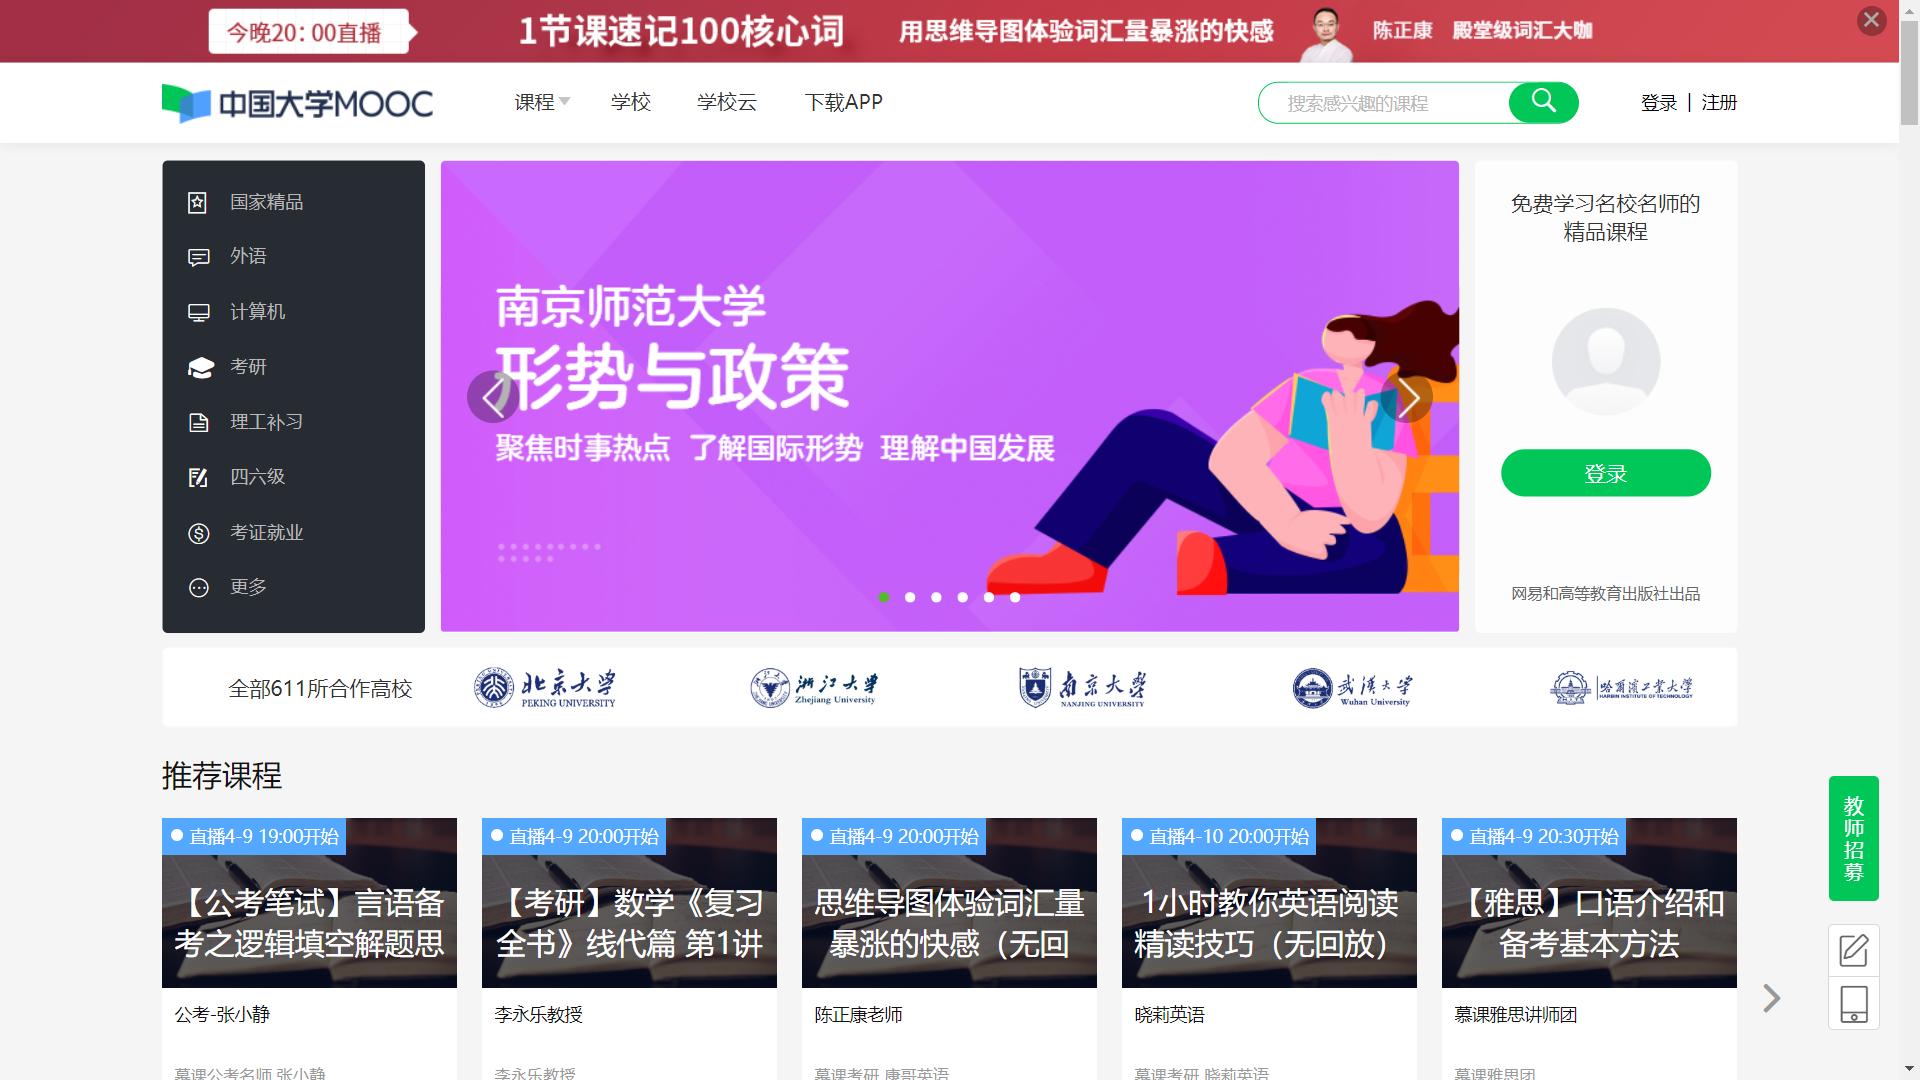 中国大学MOOC官网